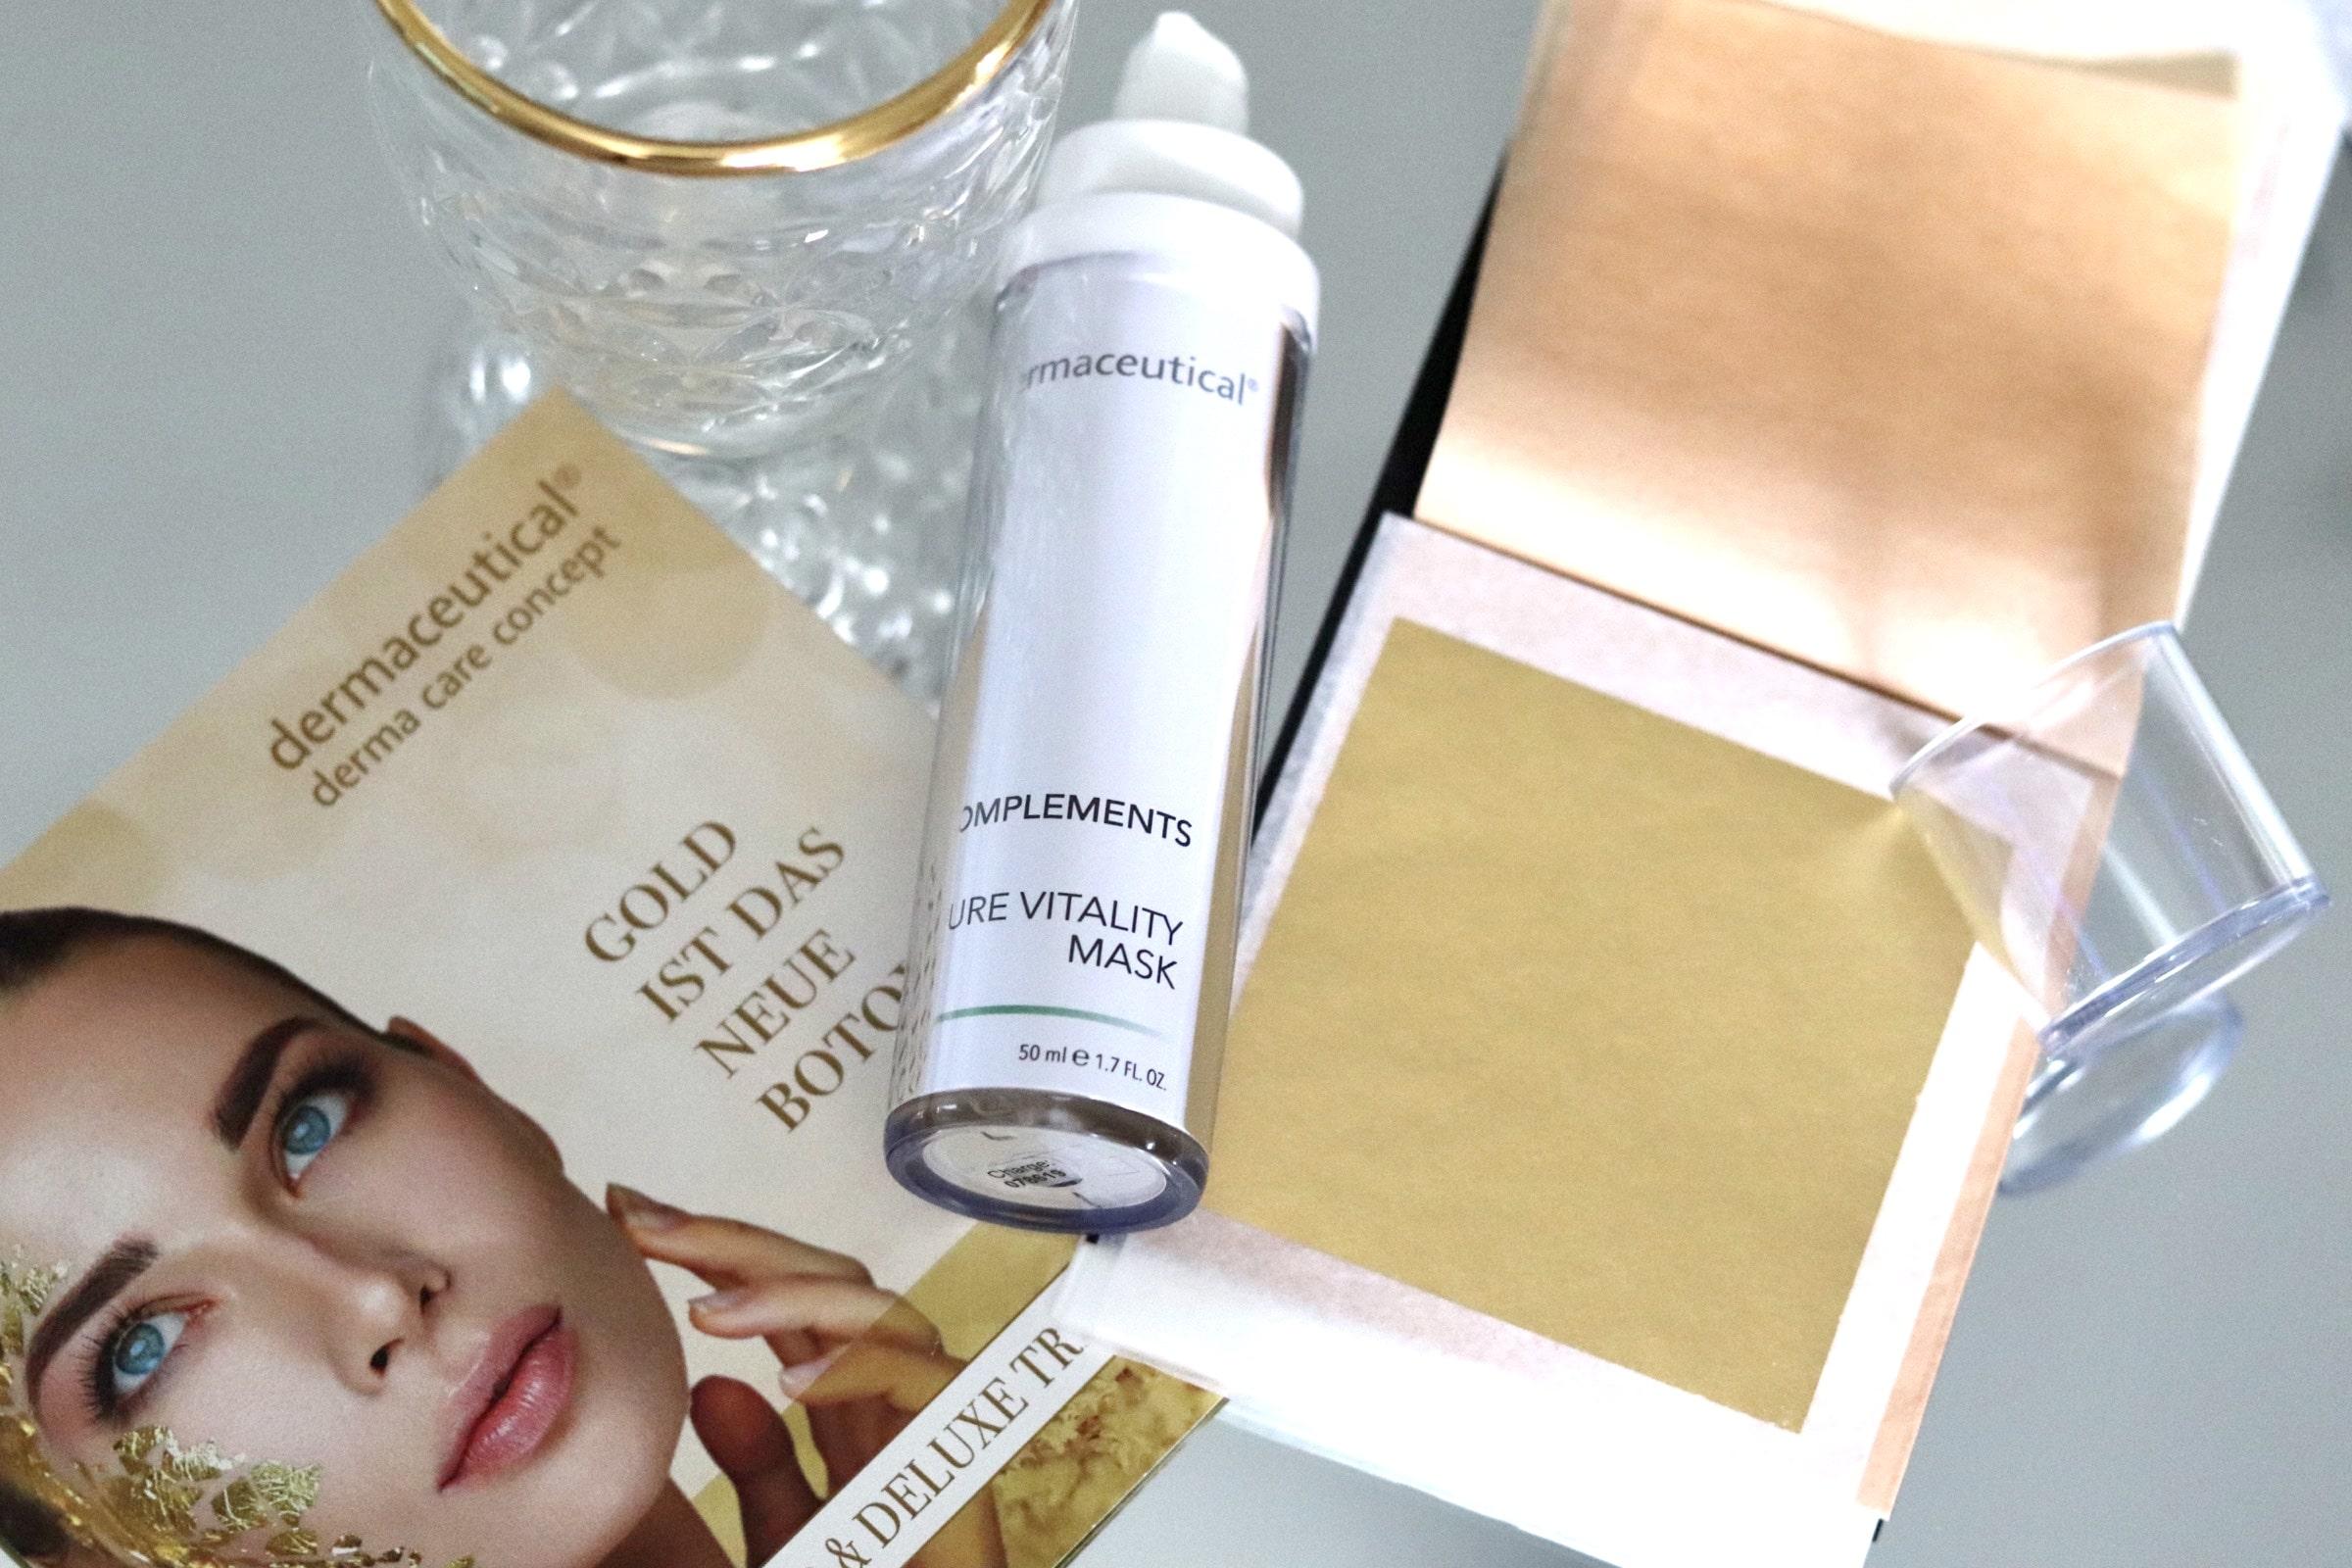 Gold-Gesichtsmaske von dermaceutical